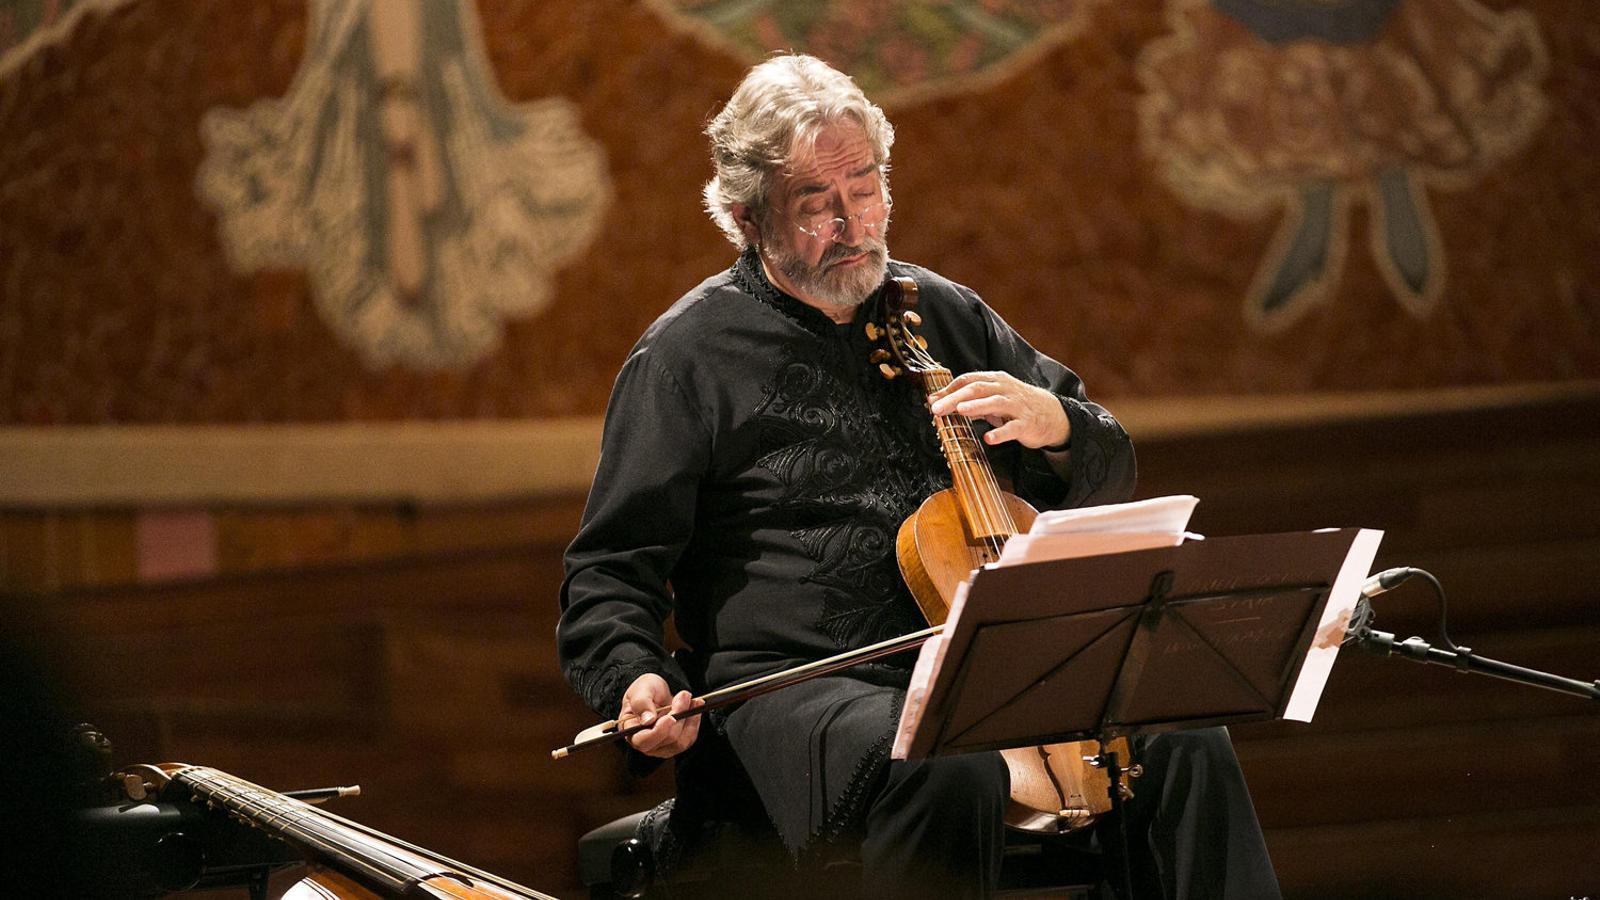 Jordi Savall en un concert al Palau de la Música. / CRISTINA CALDERER